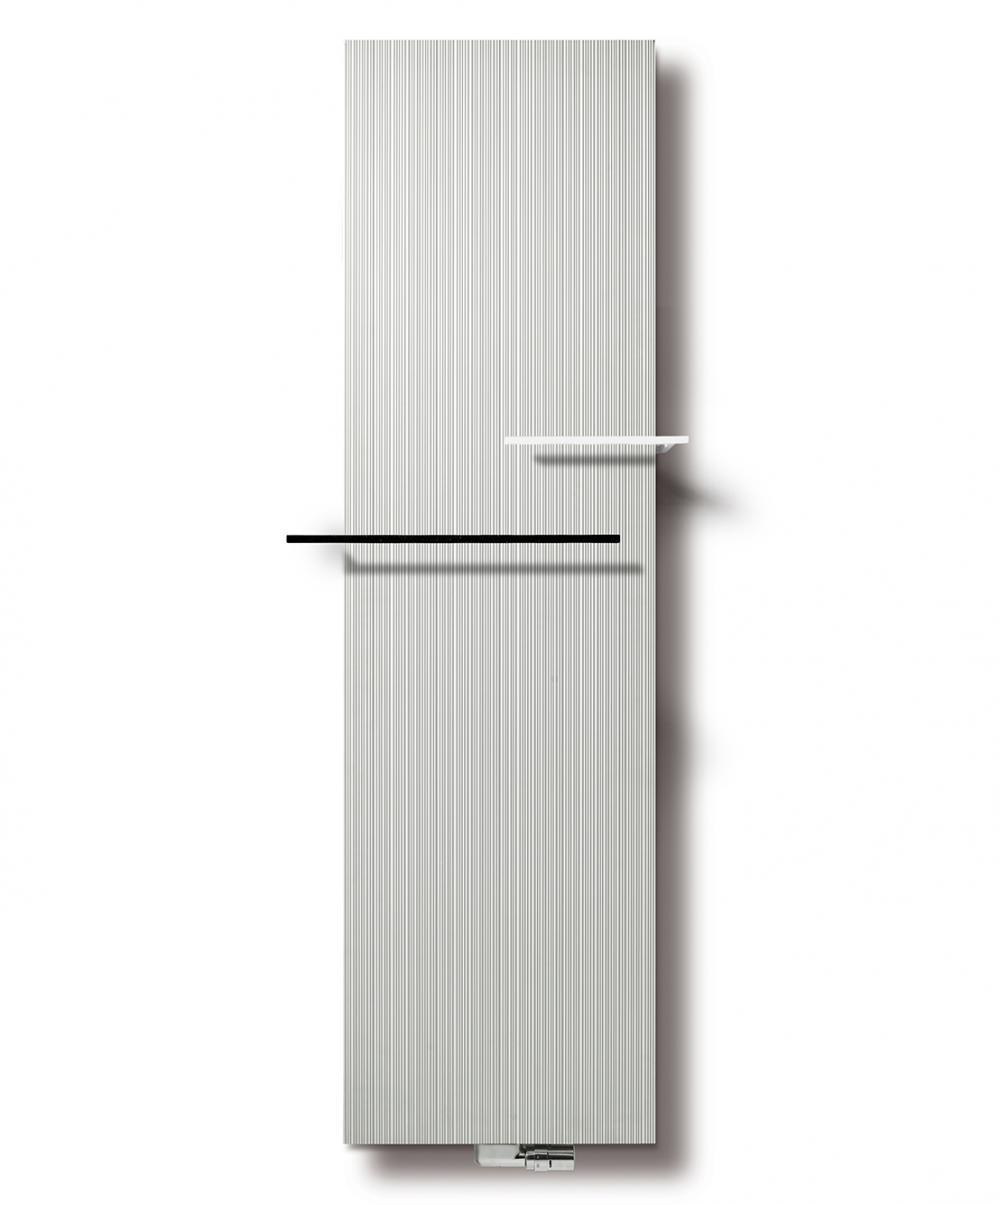 Calorifere decorative aluminiu Vasco Bryce 2000x525 mm, 2095 W